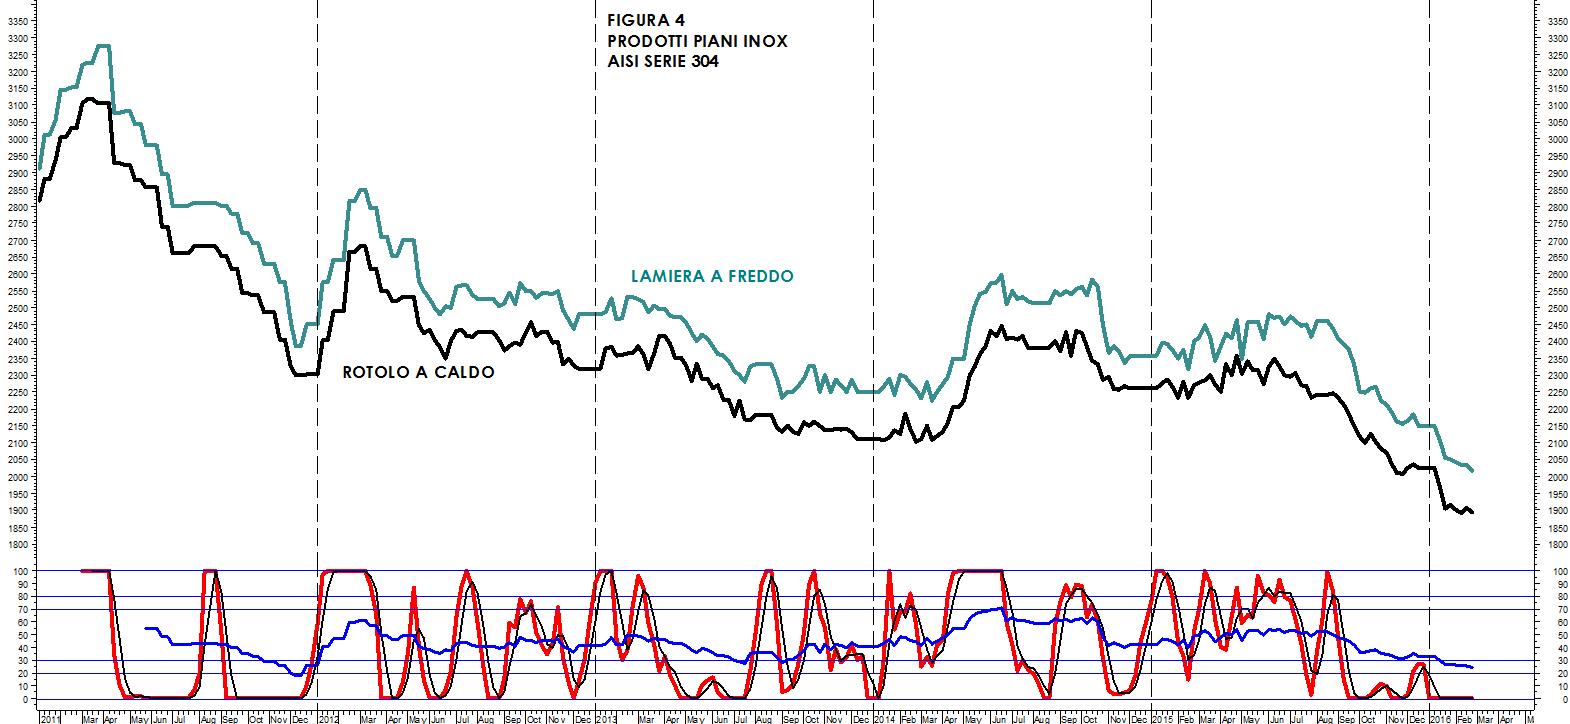 Analisi settimanale dei prezzi: inox e nickel | Siderweb - La ...